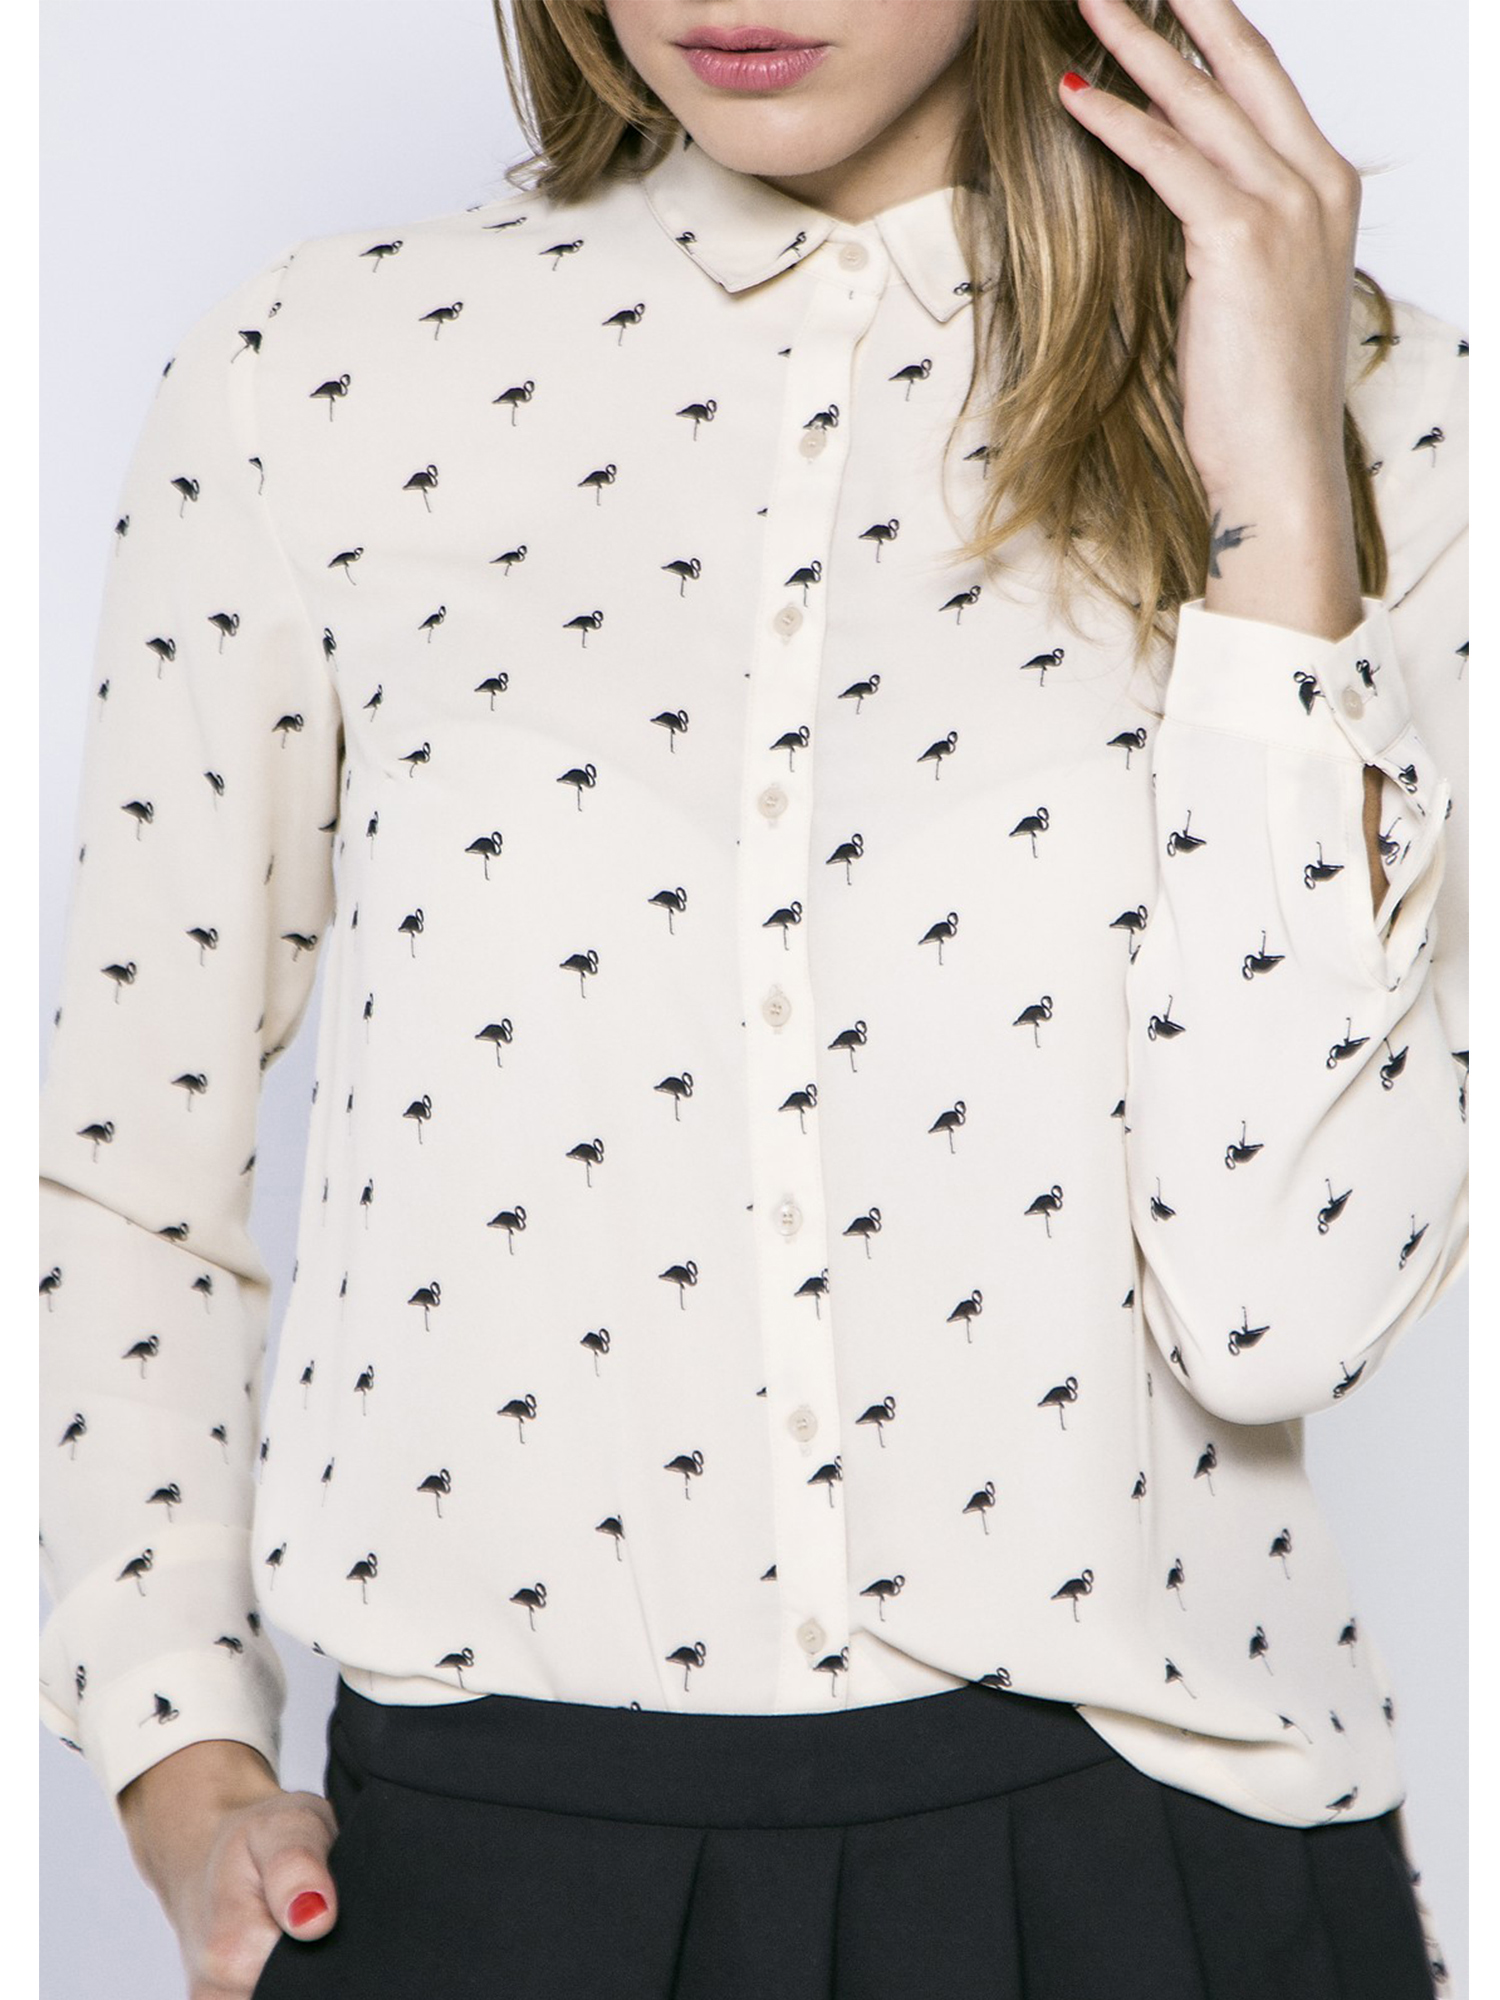 cfadf41280afc Je veux trouver une belle chemise femme et agréable à porter pas cher ICI  Chemise imprimée femme